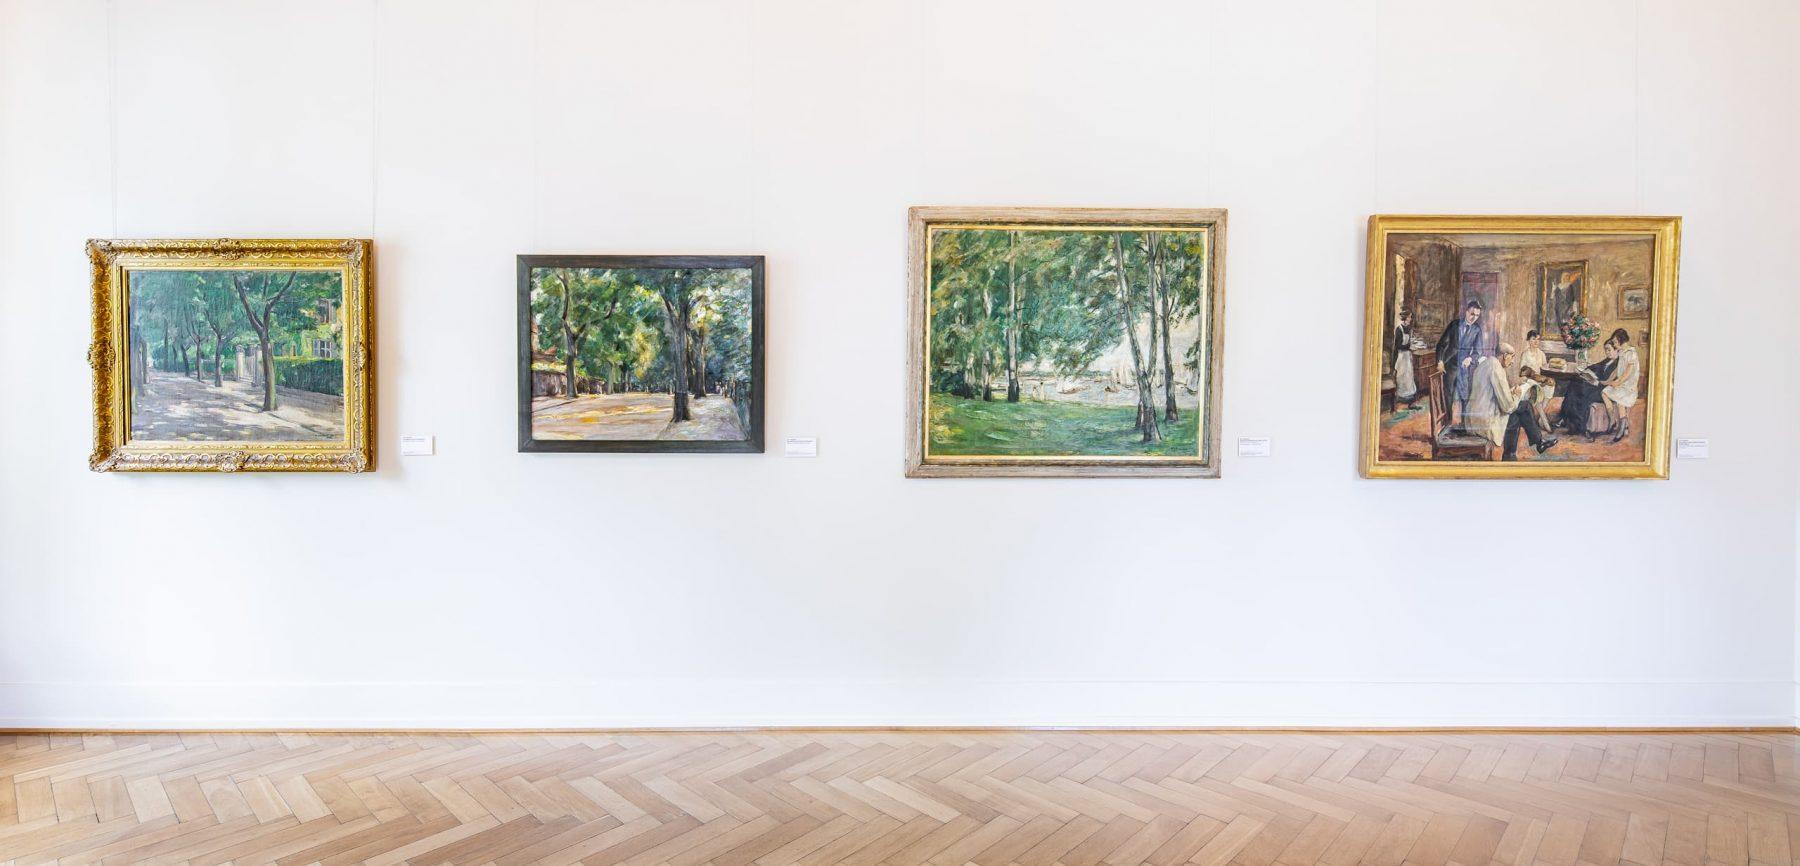 Wandansicht mit vier Gemälden.